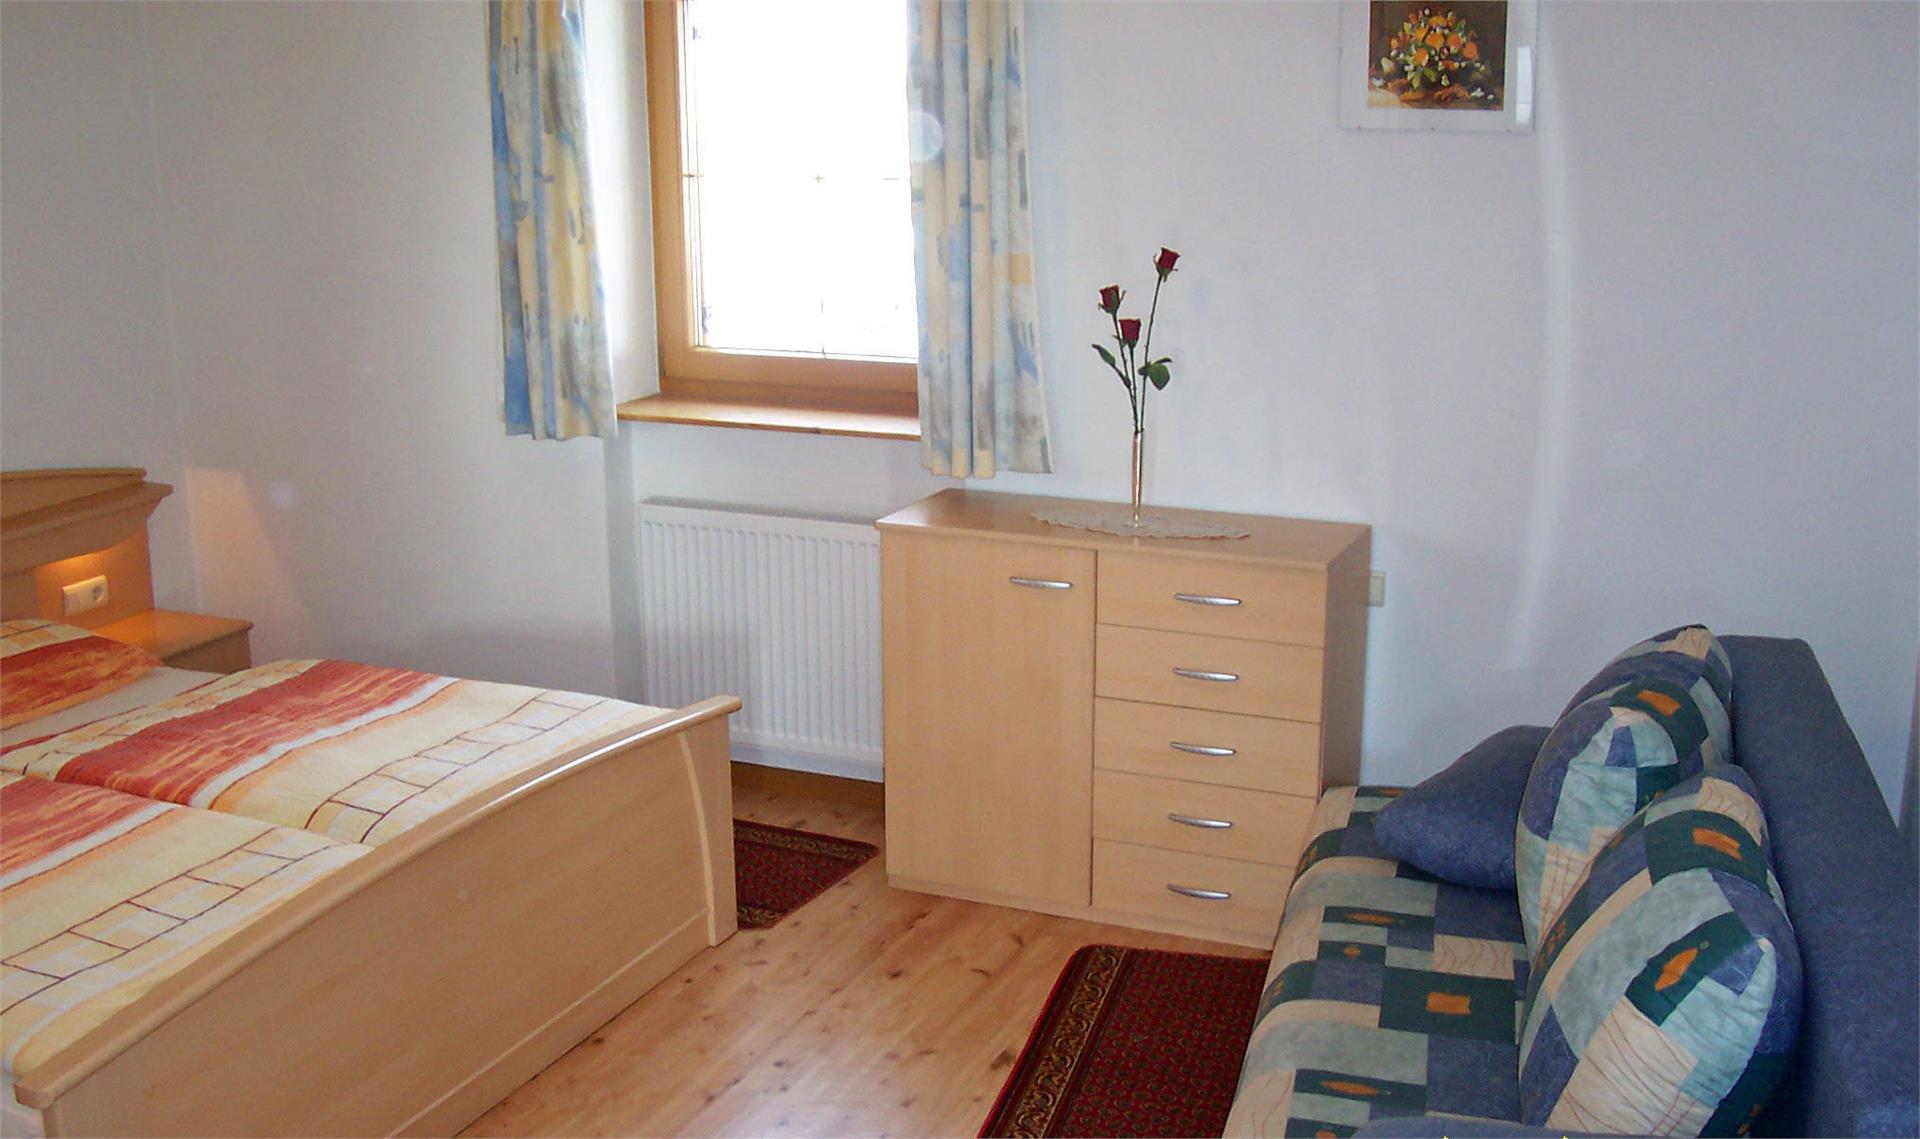 Schlafzimmer in Wohnung